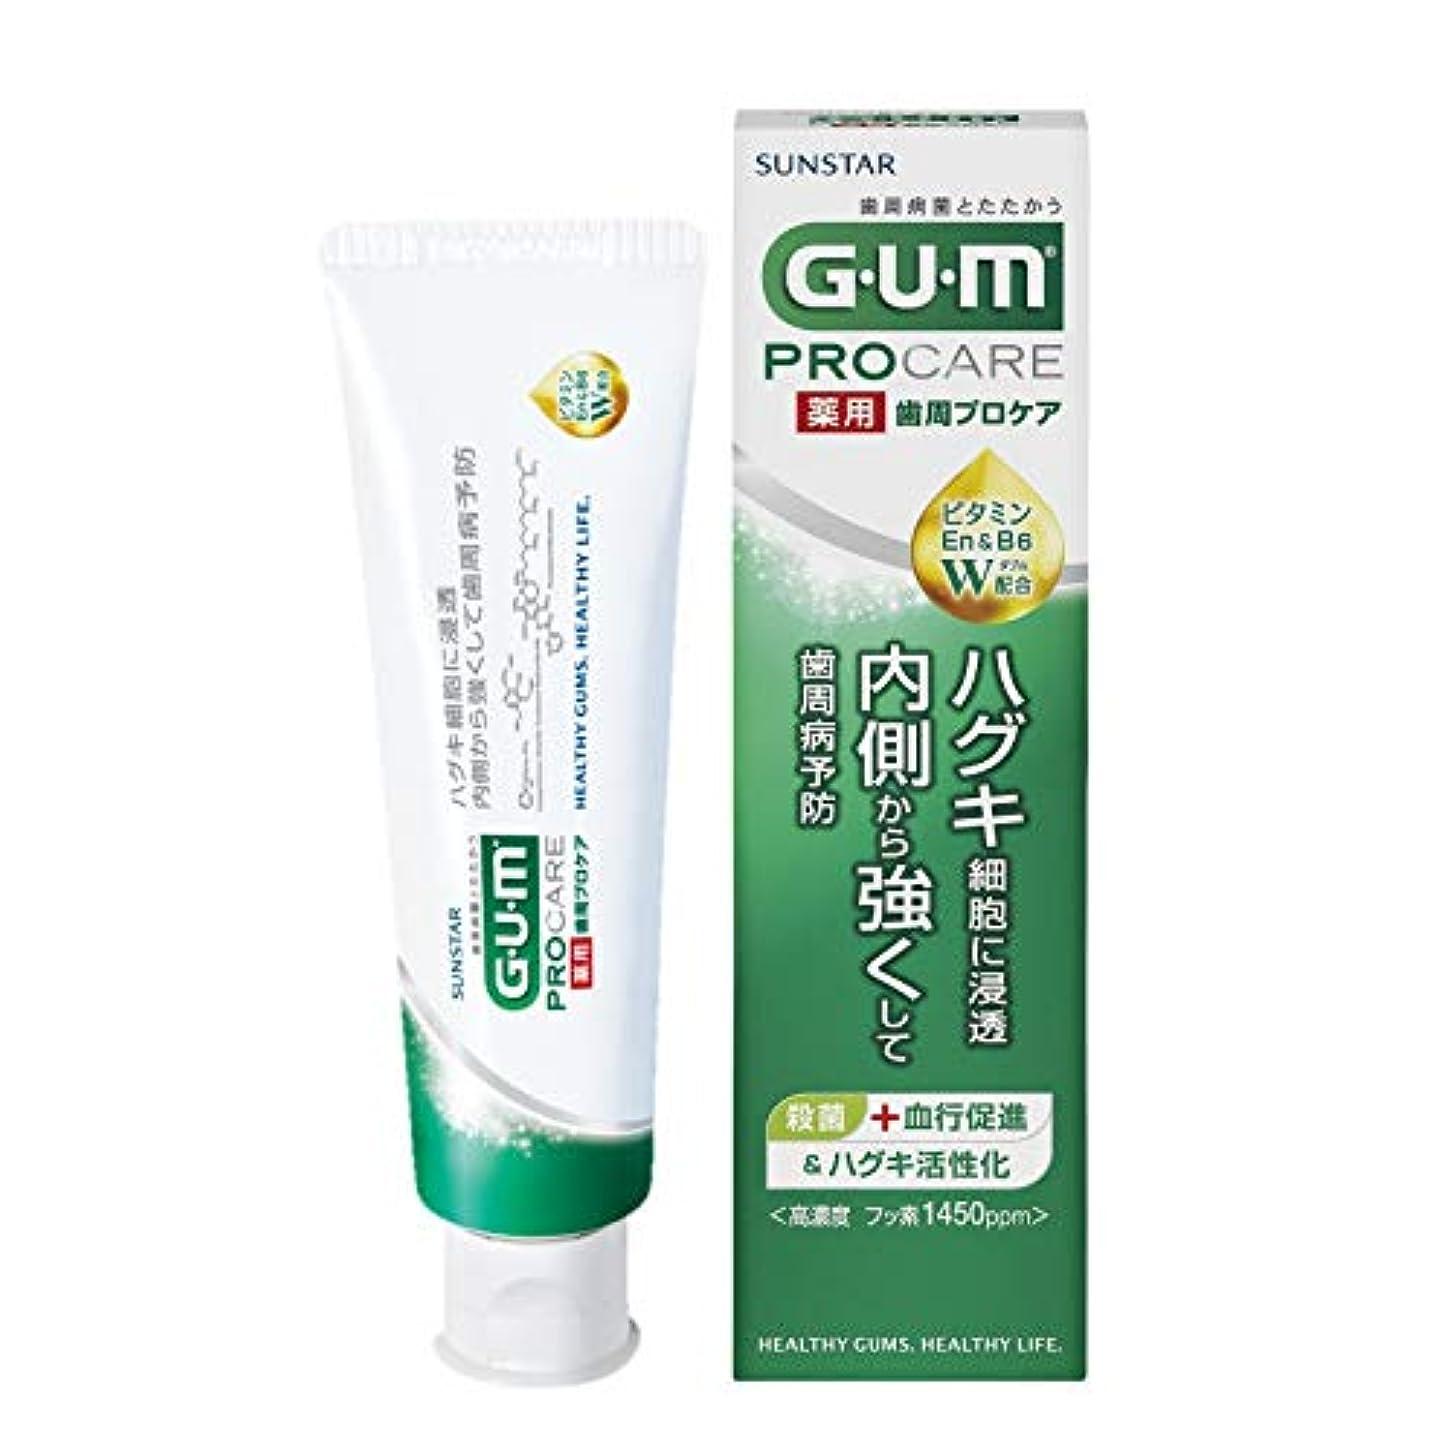 キャンドルまた明日ねソブリケット[医薬部外品] GUM(ガム) 歯周プロケア 歯みがき 90g <歯周病予防 ハグキケア 高濃度フッ素配合 1450ppm>